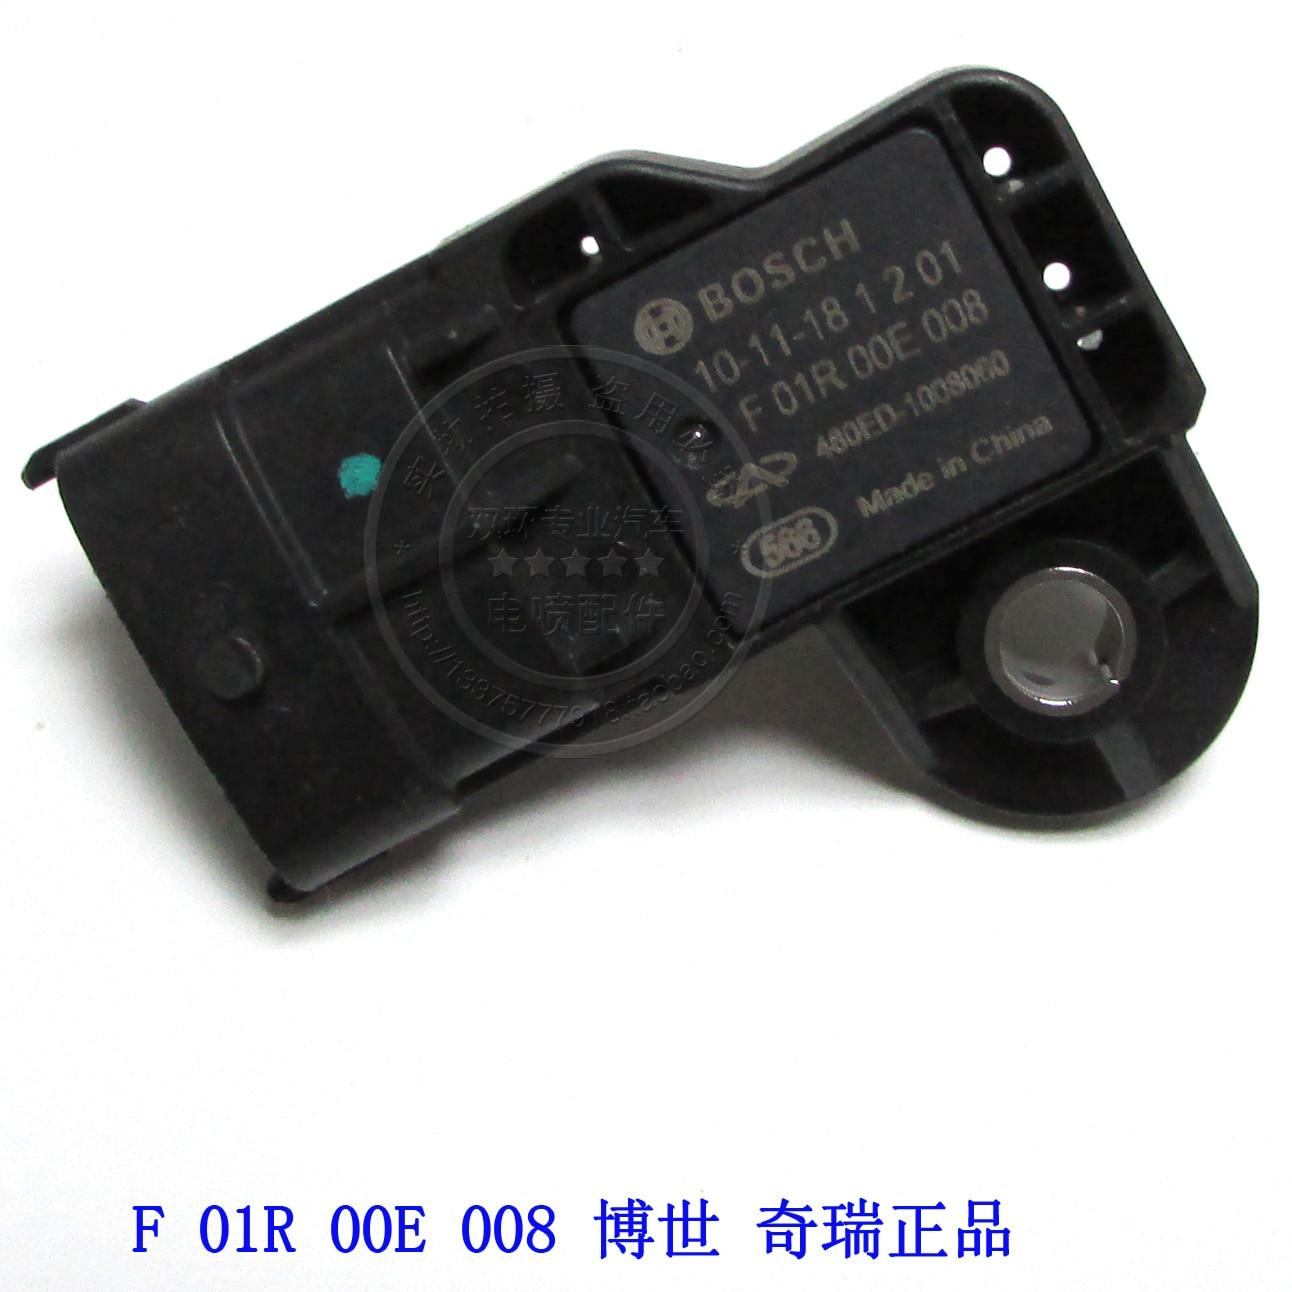 Entrega gratuita. Sensor de pressão de entrada. UMC F01R00E008 genuíno